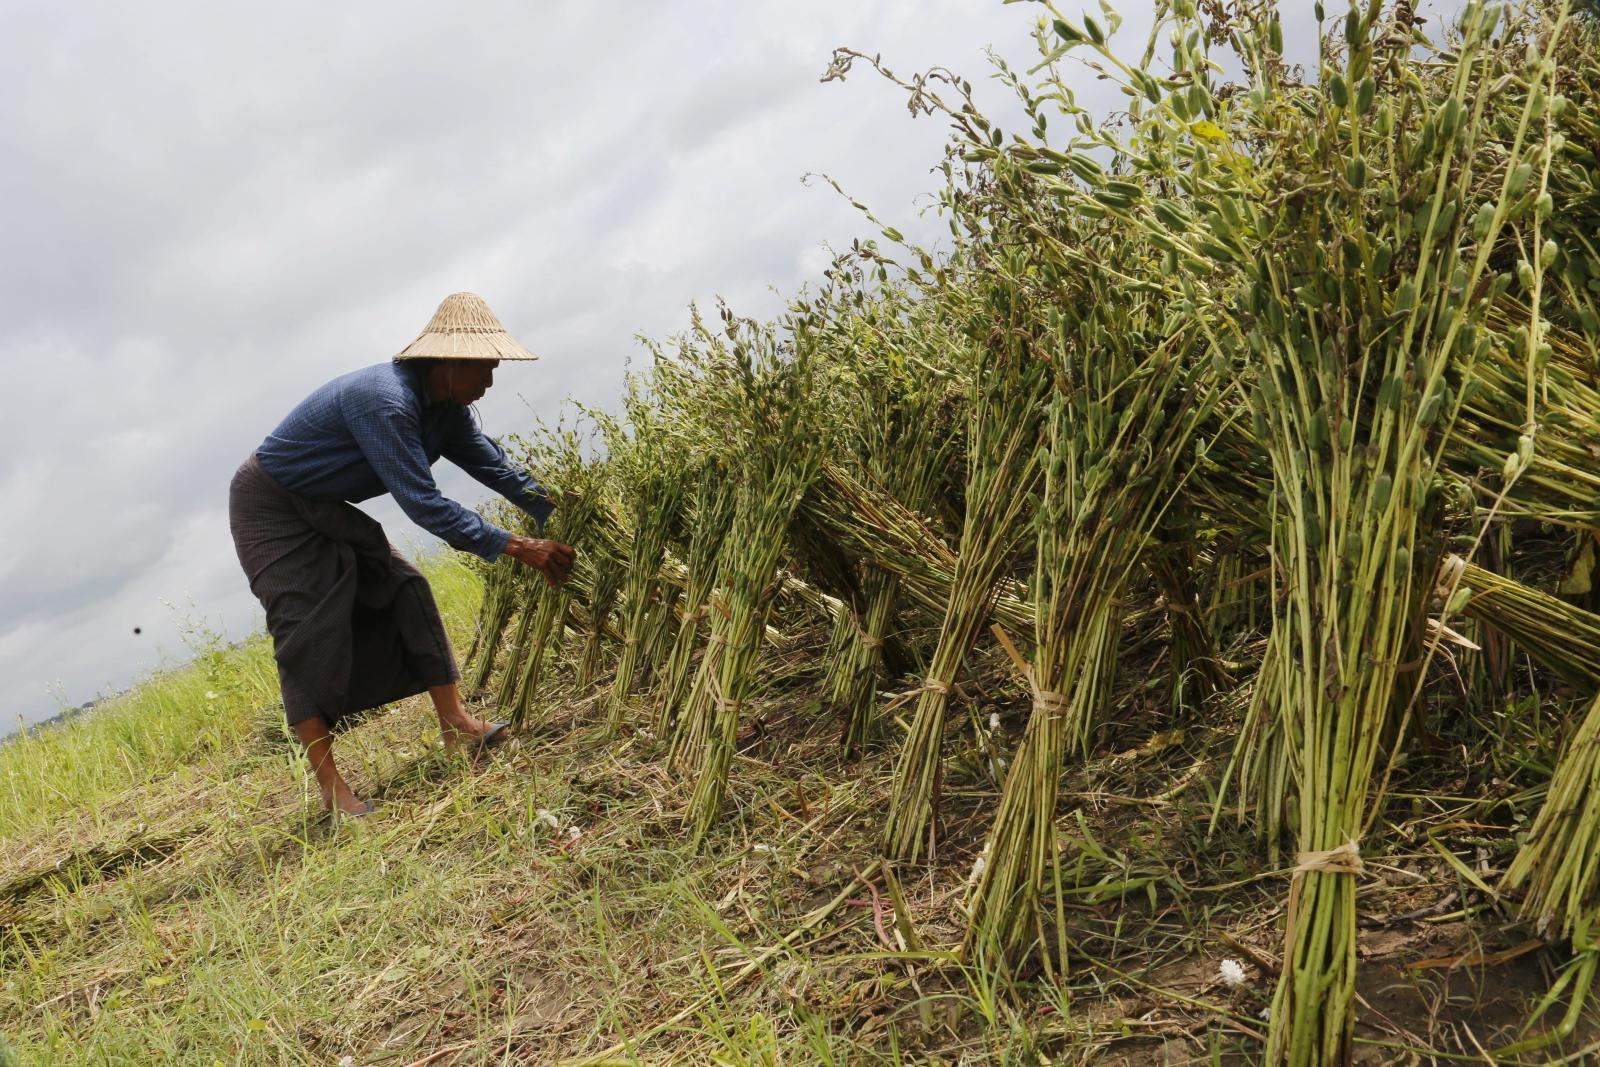 Zbieranie sezamu w Birmie.  Fot.  EPA/HEIN HTET Dostawca: PAP/EPA.